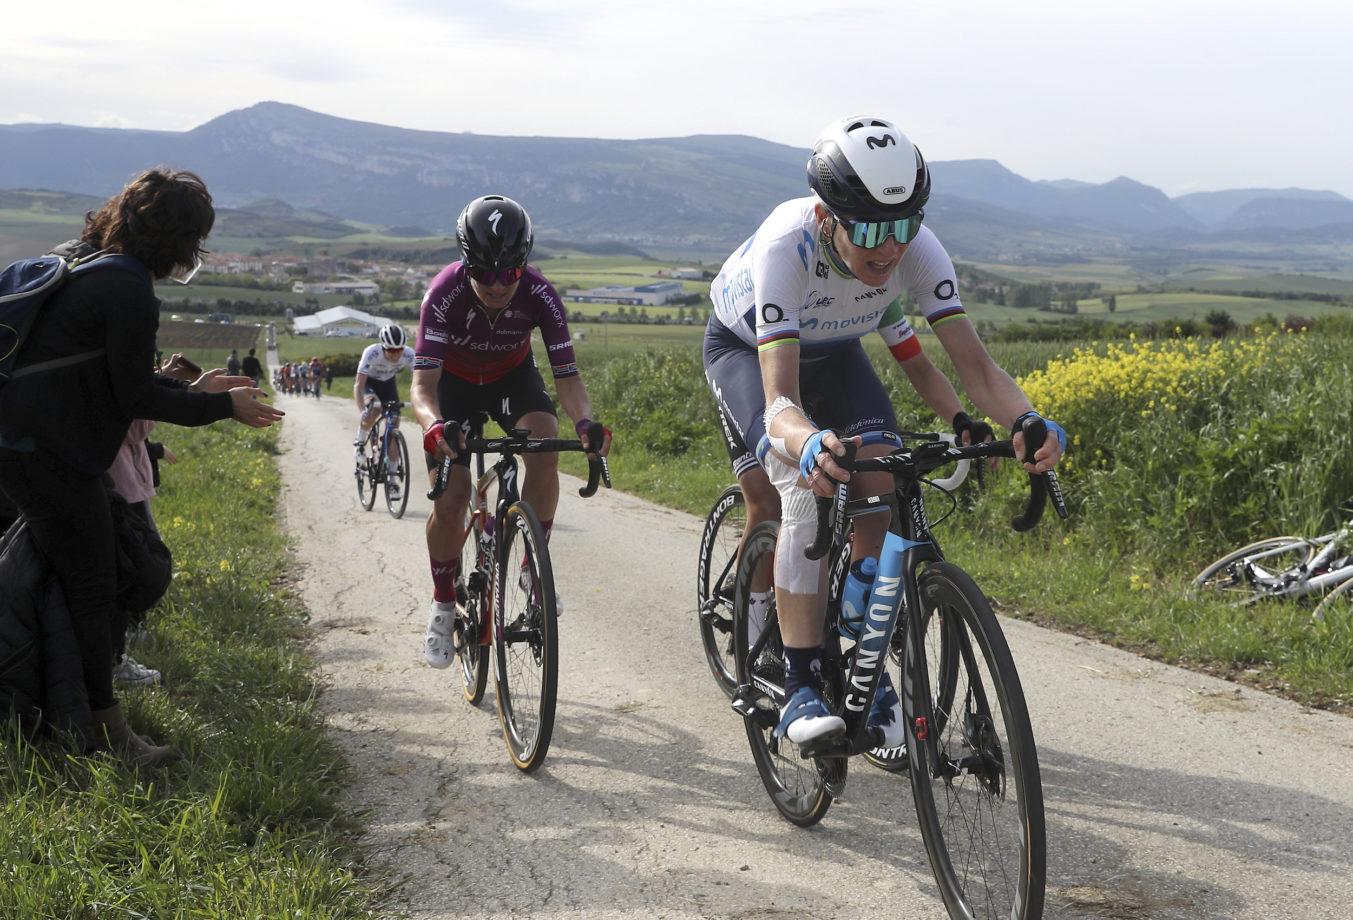 2021 women's Clásica San Sebastián